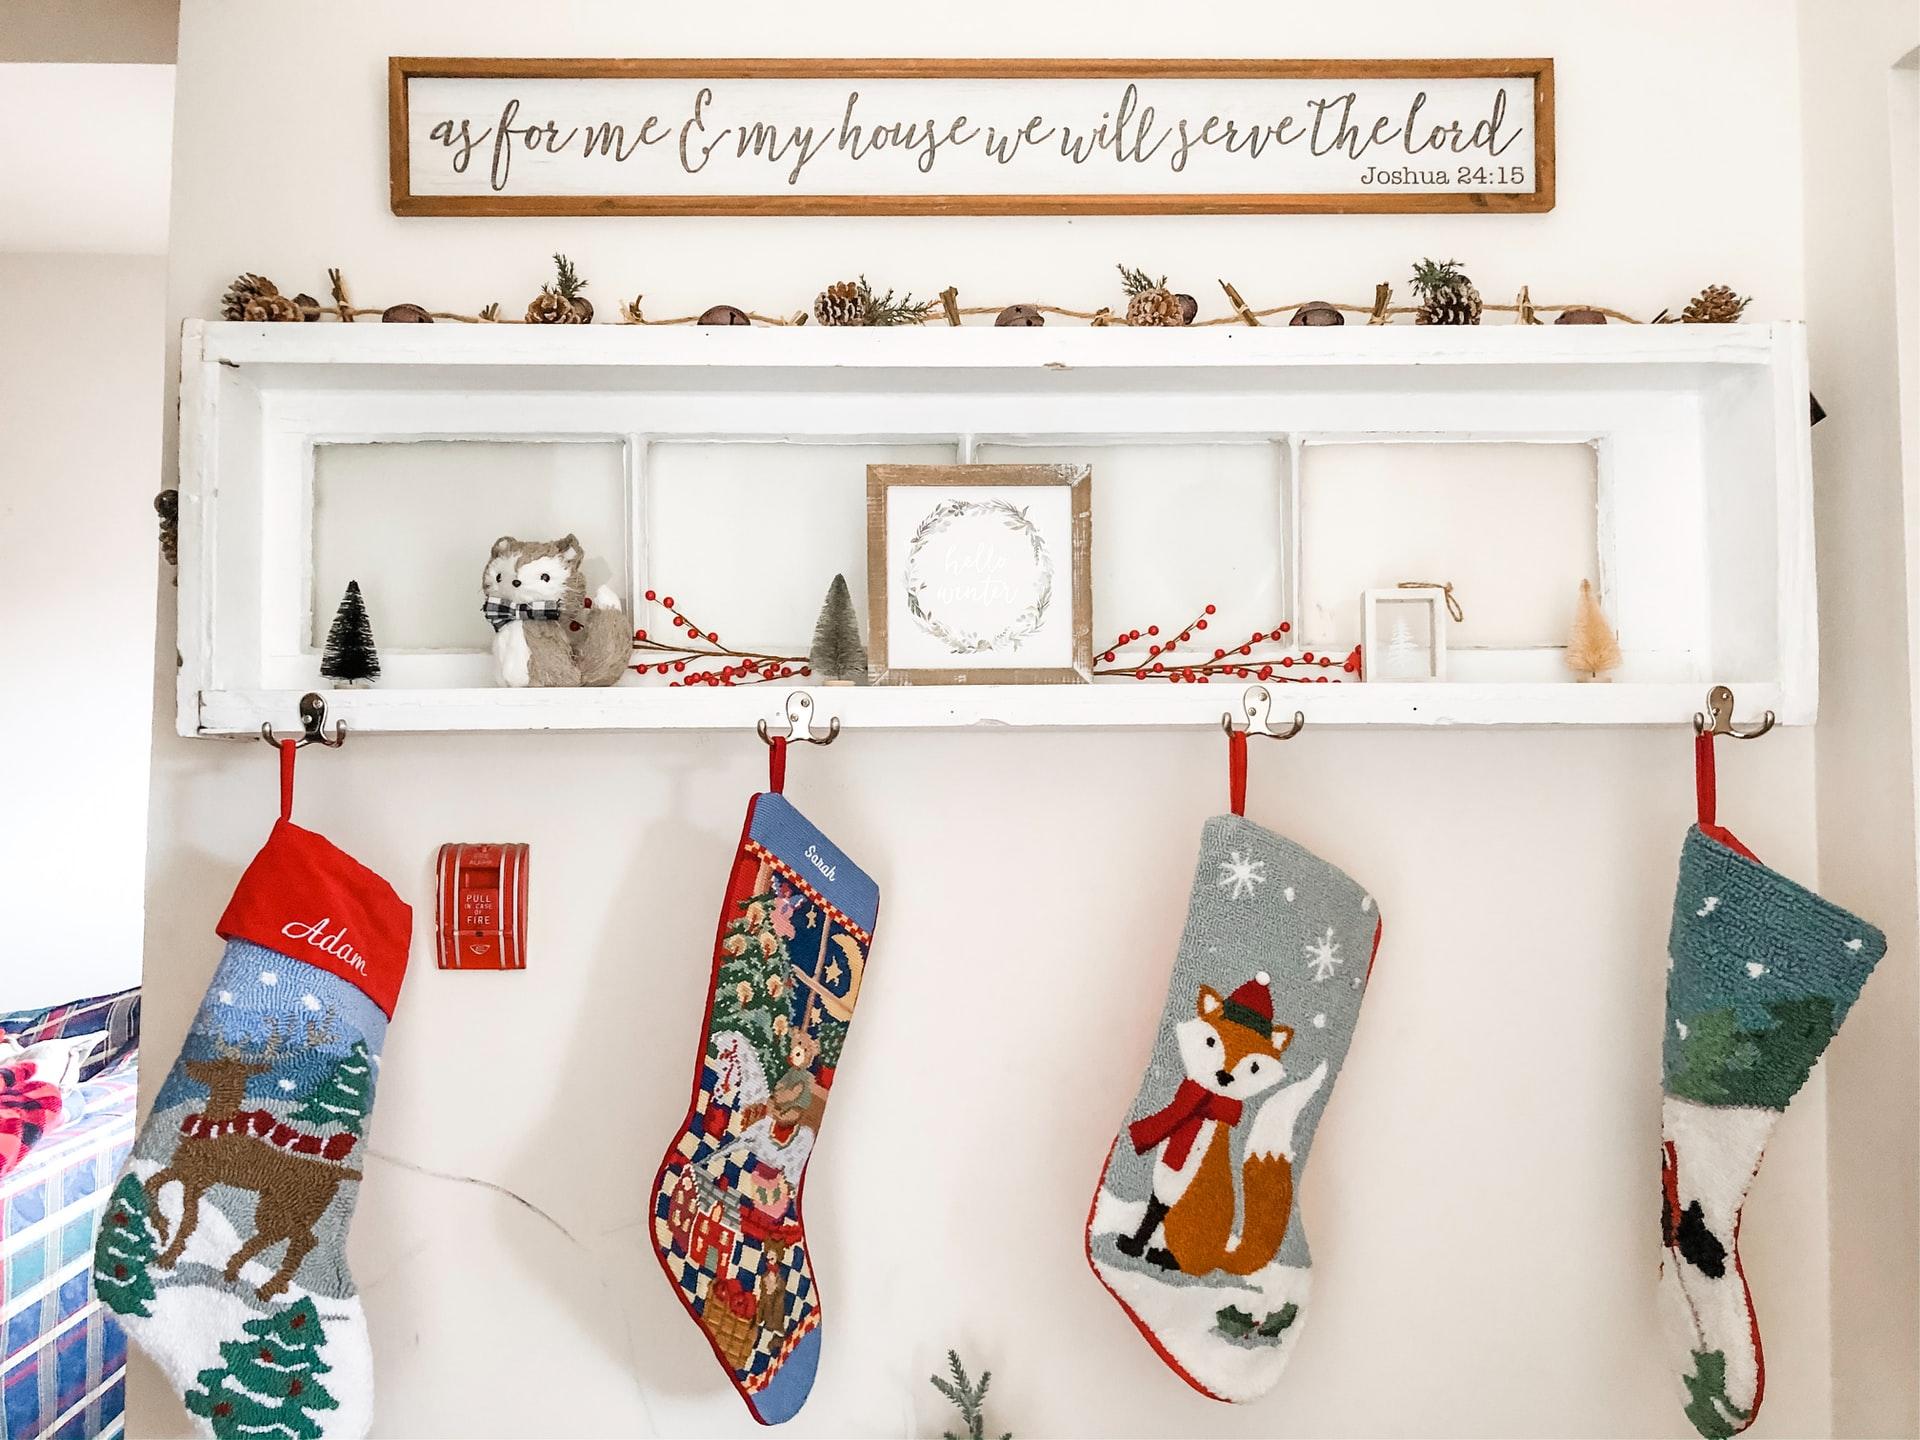 Πώς να διακοσμήσεις το σπίτι σου εύκολα και γρήγορα για τα Χριστούγεννα!